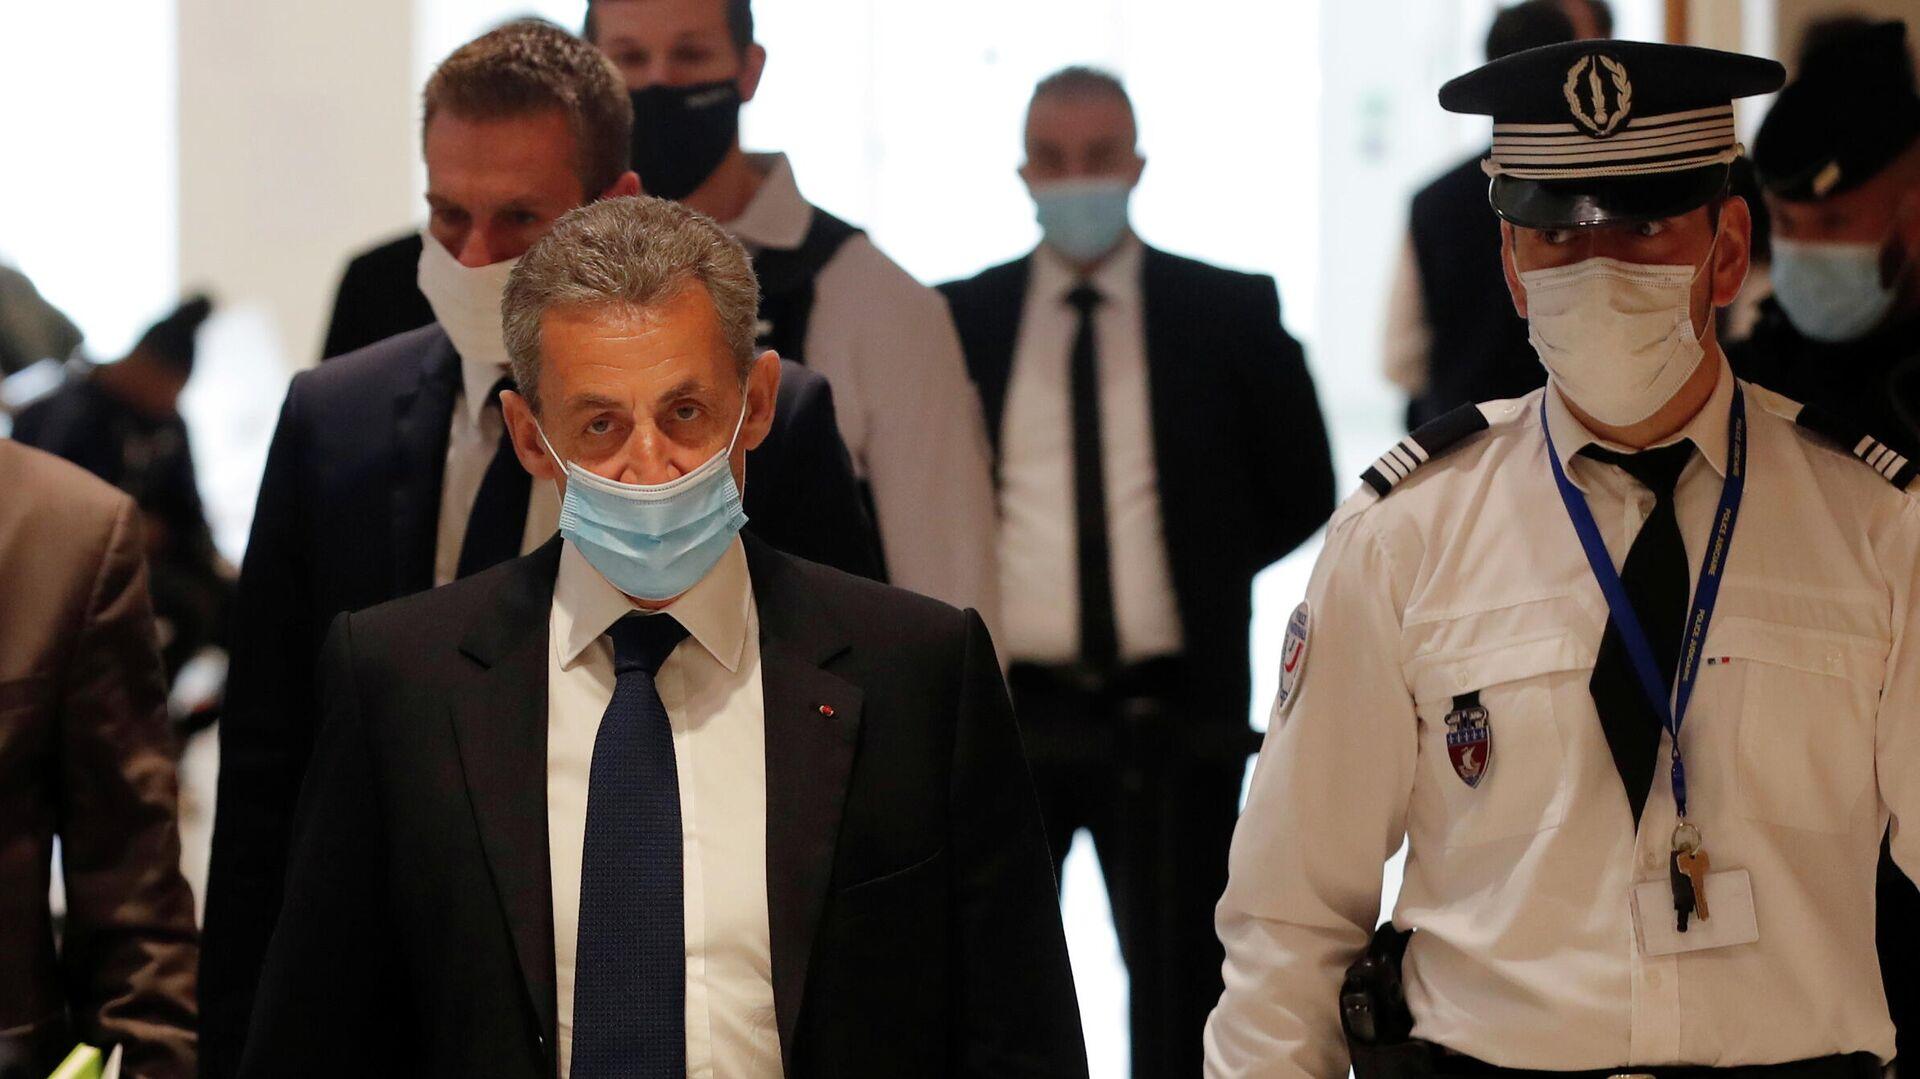 Бывший президент Франции Николя Саркози в здании суда перед вынесением приговора - РИА Новости, 1920, 01.03.2021